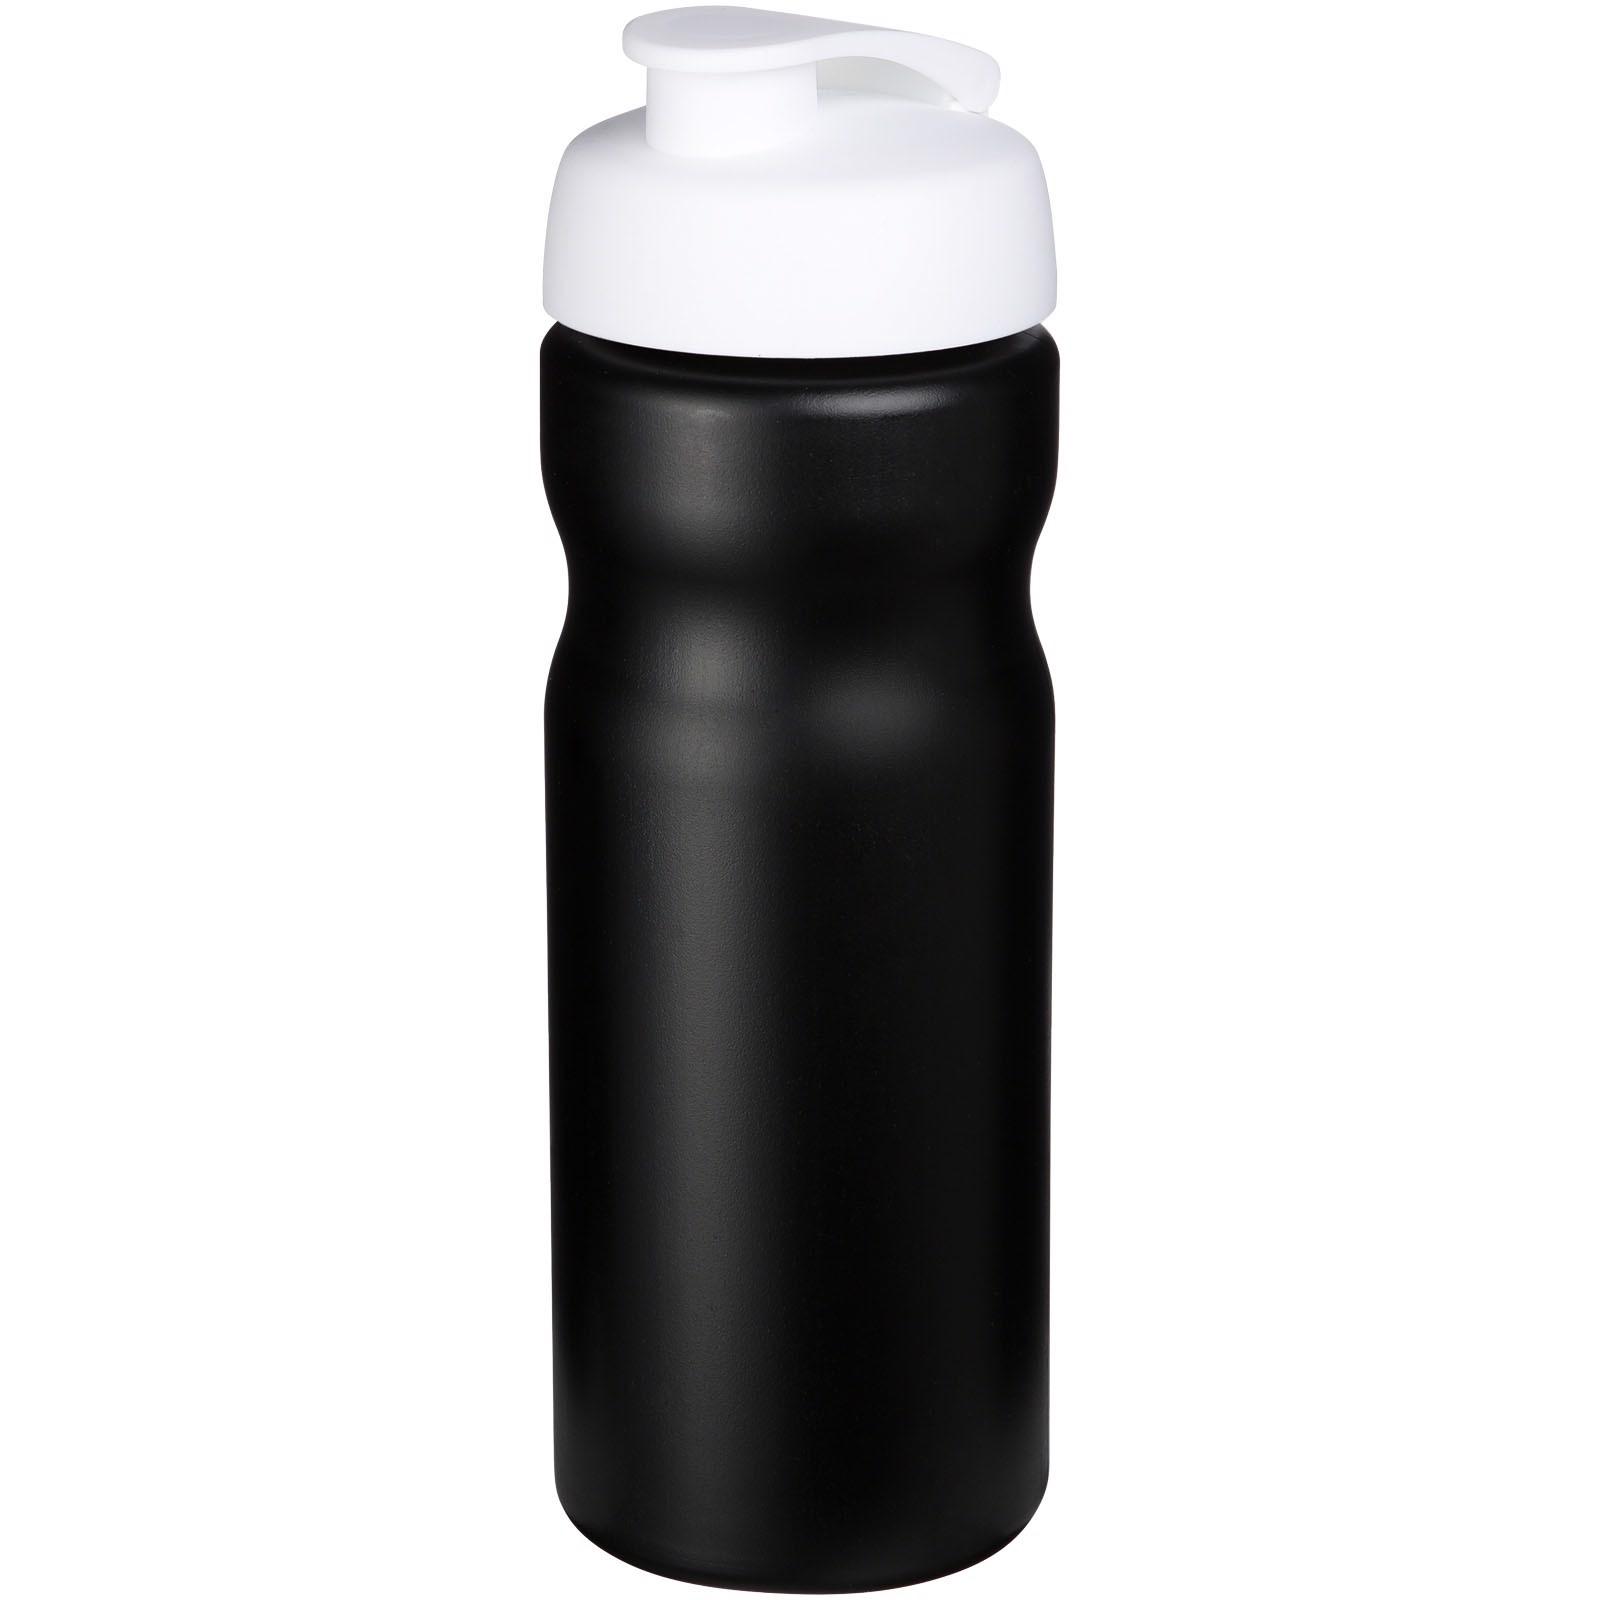 Sportovní láhev s vyklápěcím víčkem Baseline® Plus 650 ml - Černá / Bílá